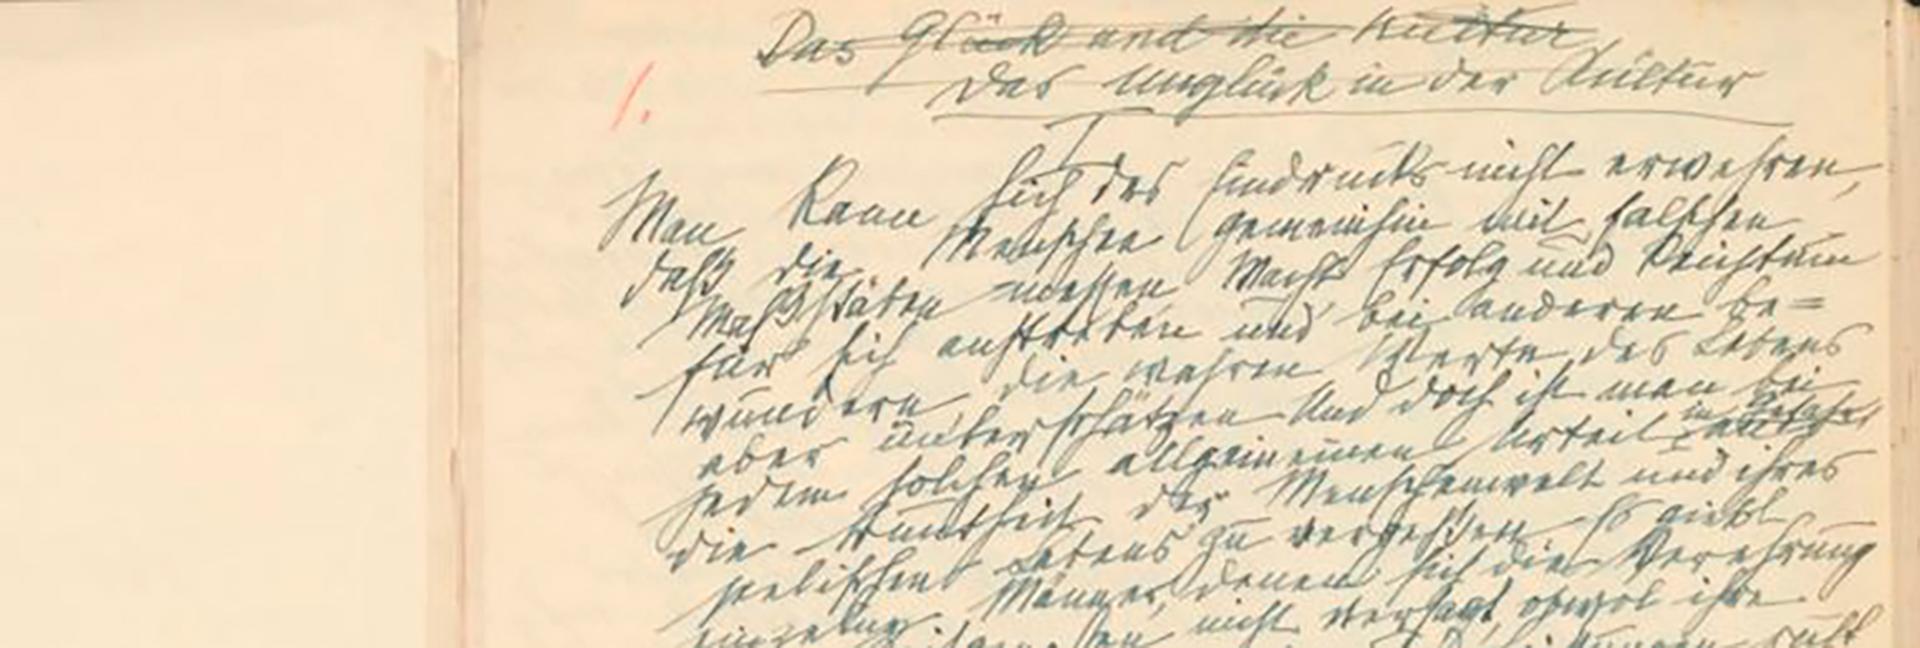 """Este manuscrito original de Freud es una copia en limpio donde se ve que primero tituló, en alemán, """"La felicidad y la cultura"""" y luego lo tachó y le puso """"La infelicidad en la cultura"""" (Gentileza de Lionel F. Klimkiewicz)"""